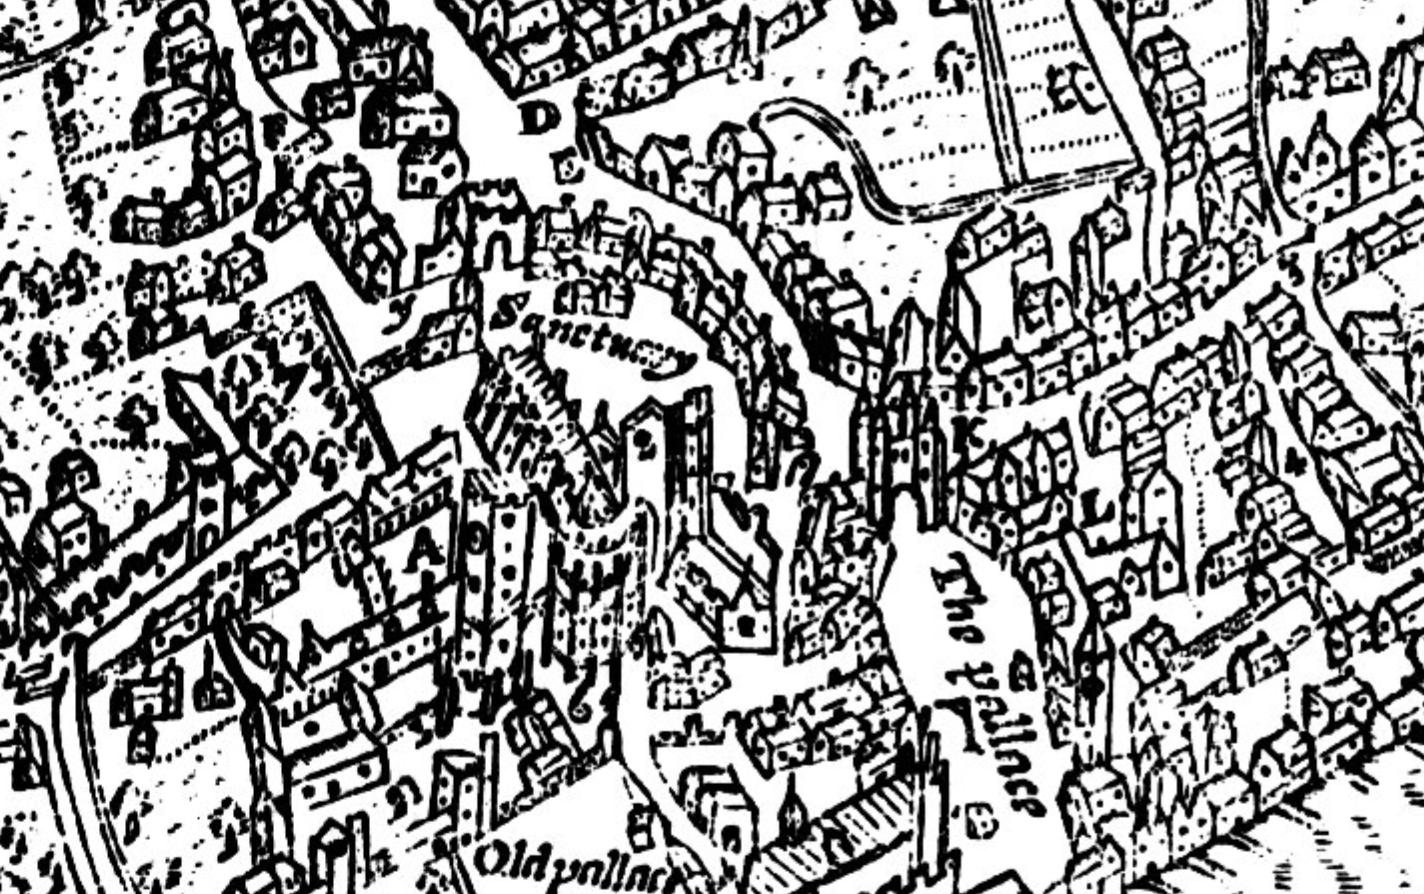 Detail of John Norden's Map of Westminster, 1593, engraved by Pieter Van den Keere.